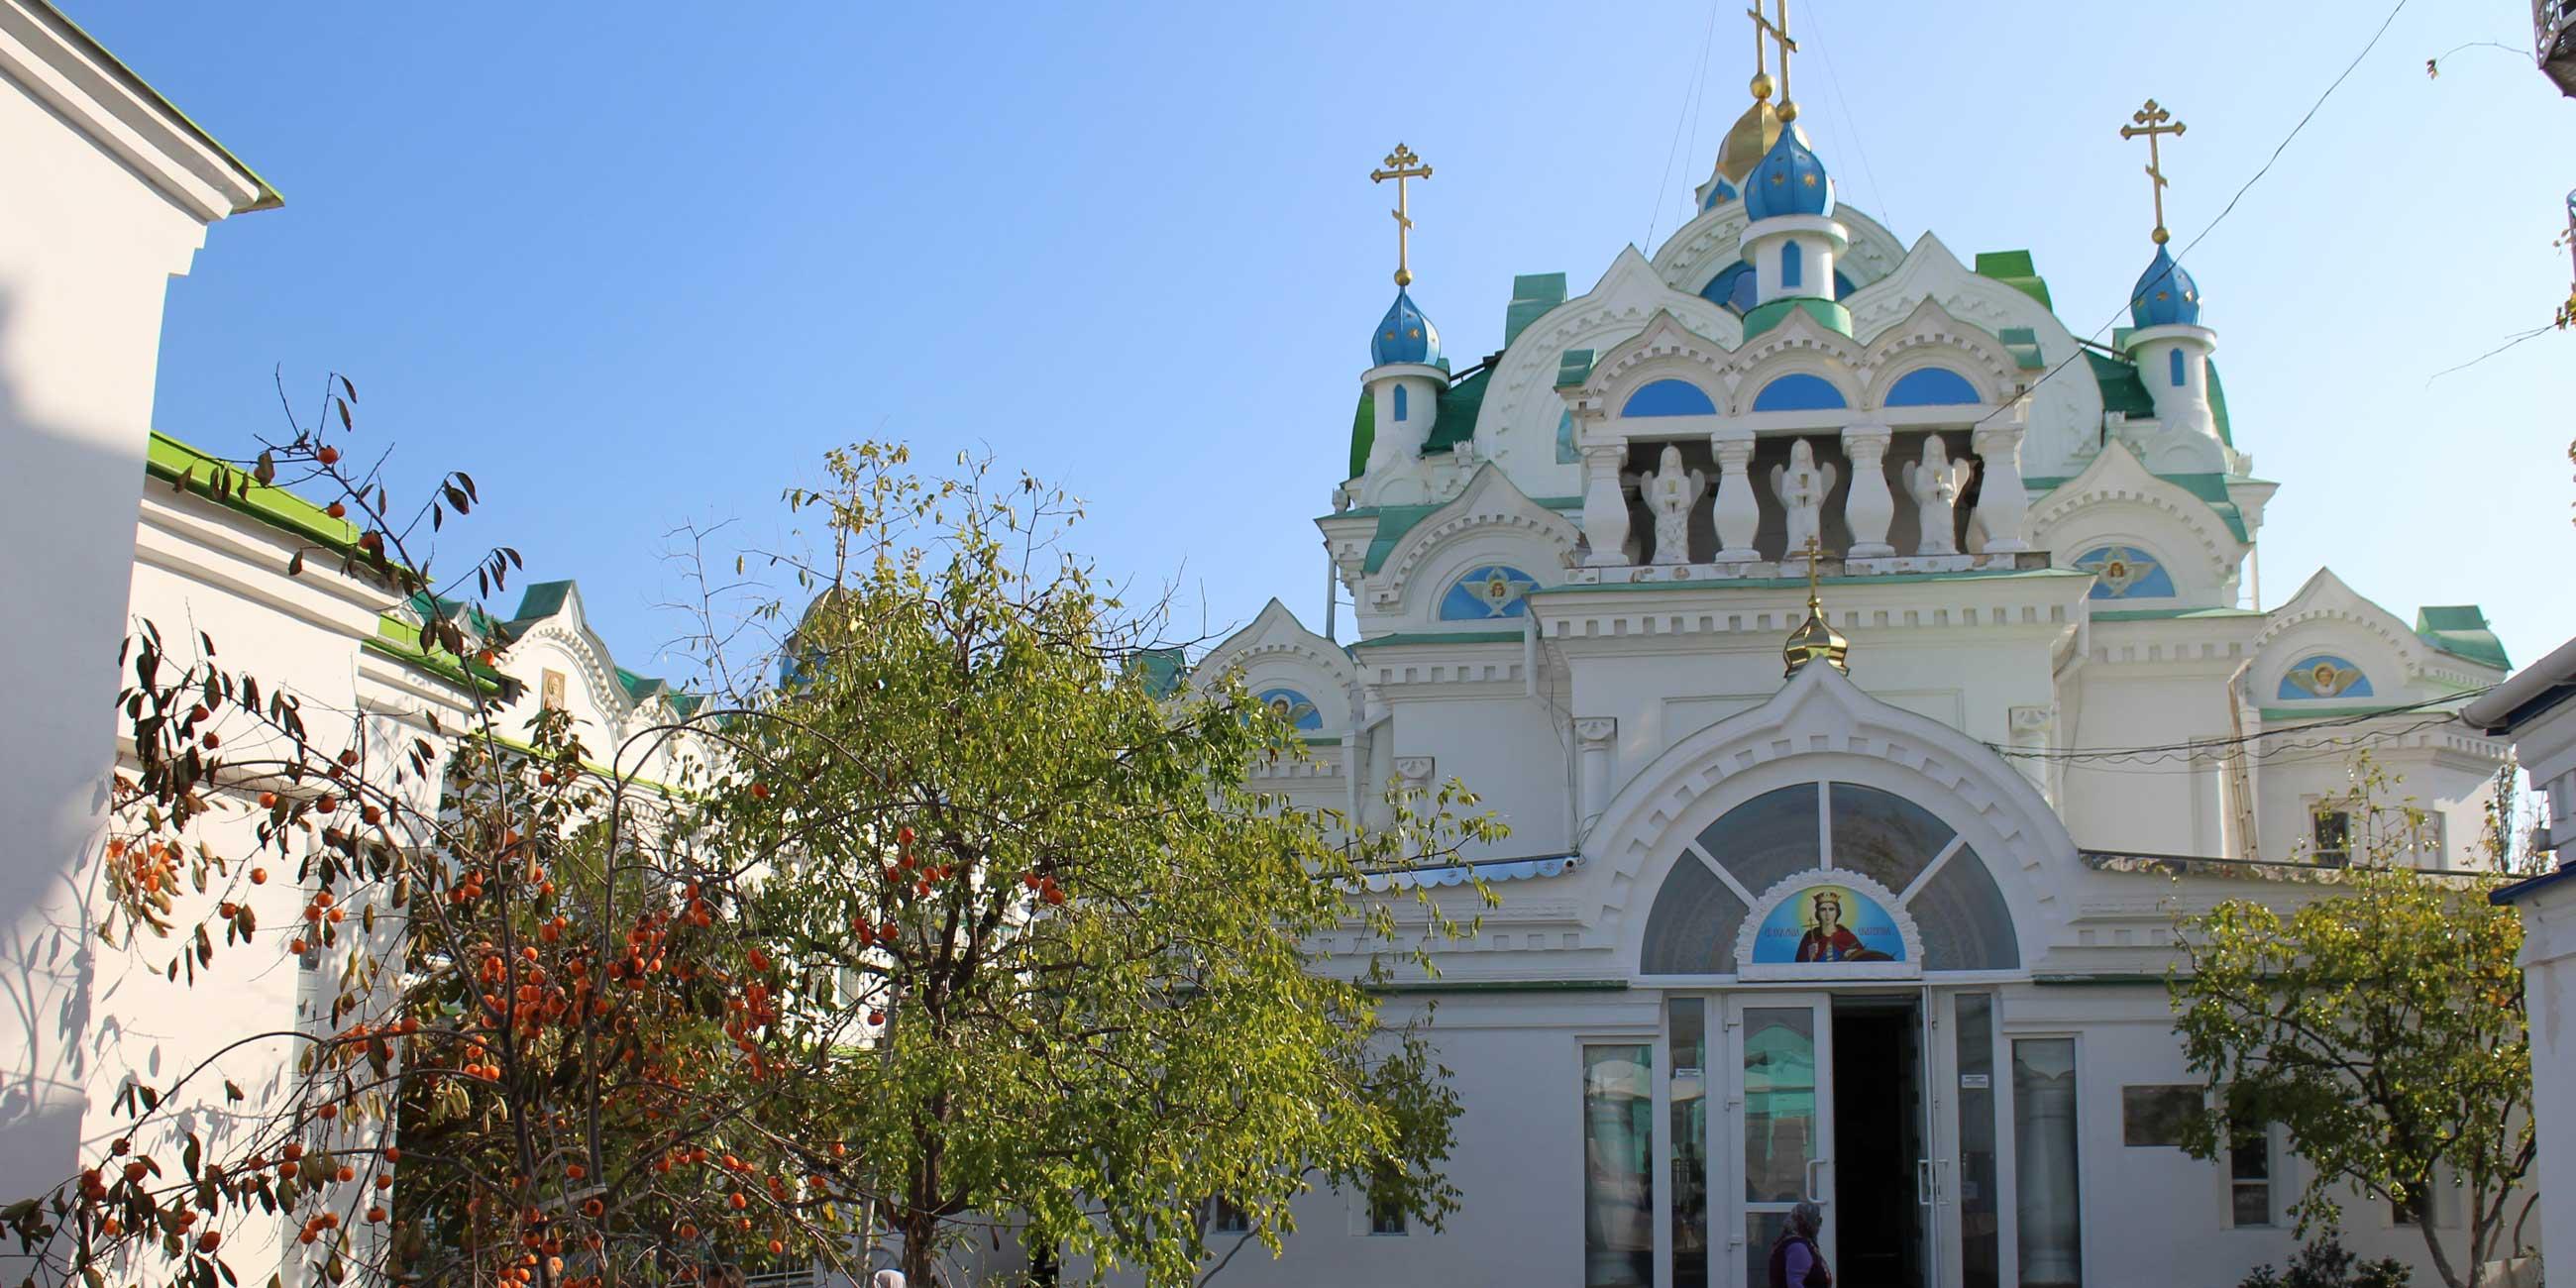 Храм Святой Екатерины украшают пять маленьких куполов, узкие стрельчатые окна и богатое убранство.Фото: Галина КОВАЛЕНКО,